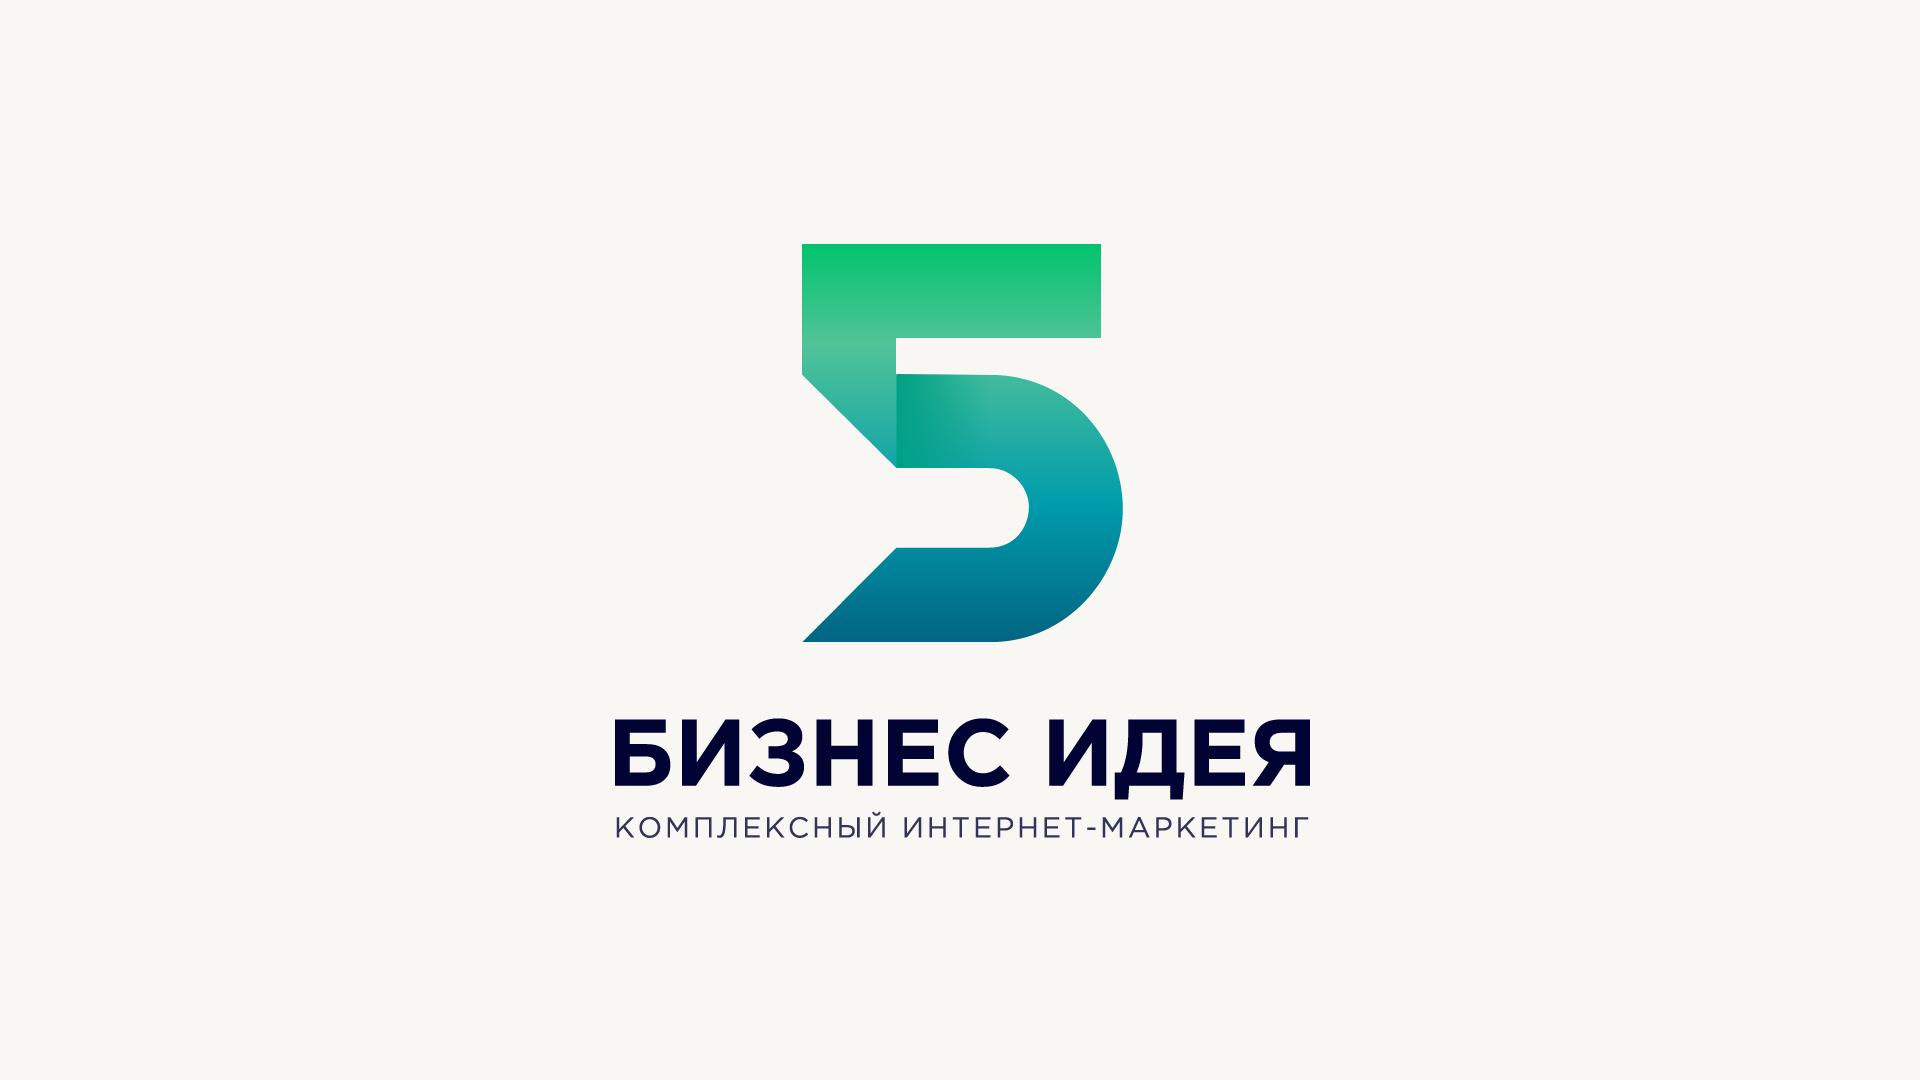 (c) Bis-idea.ru